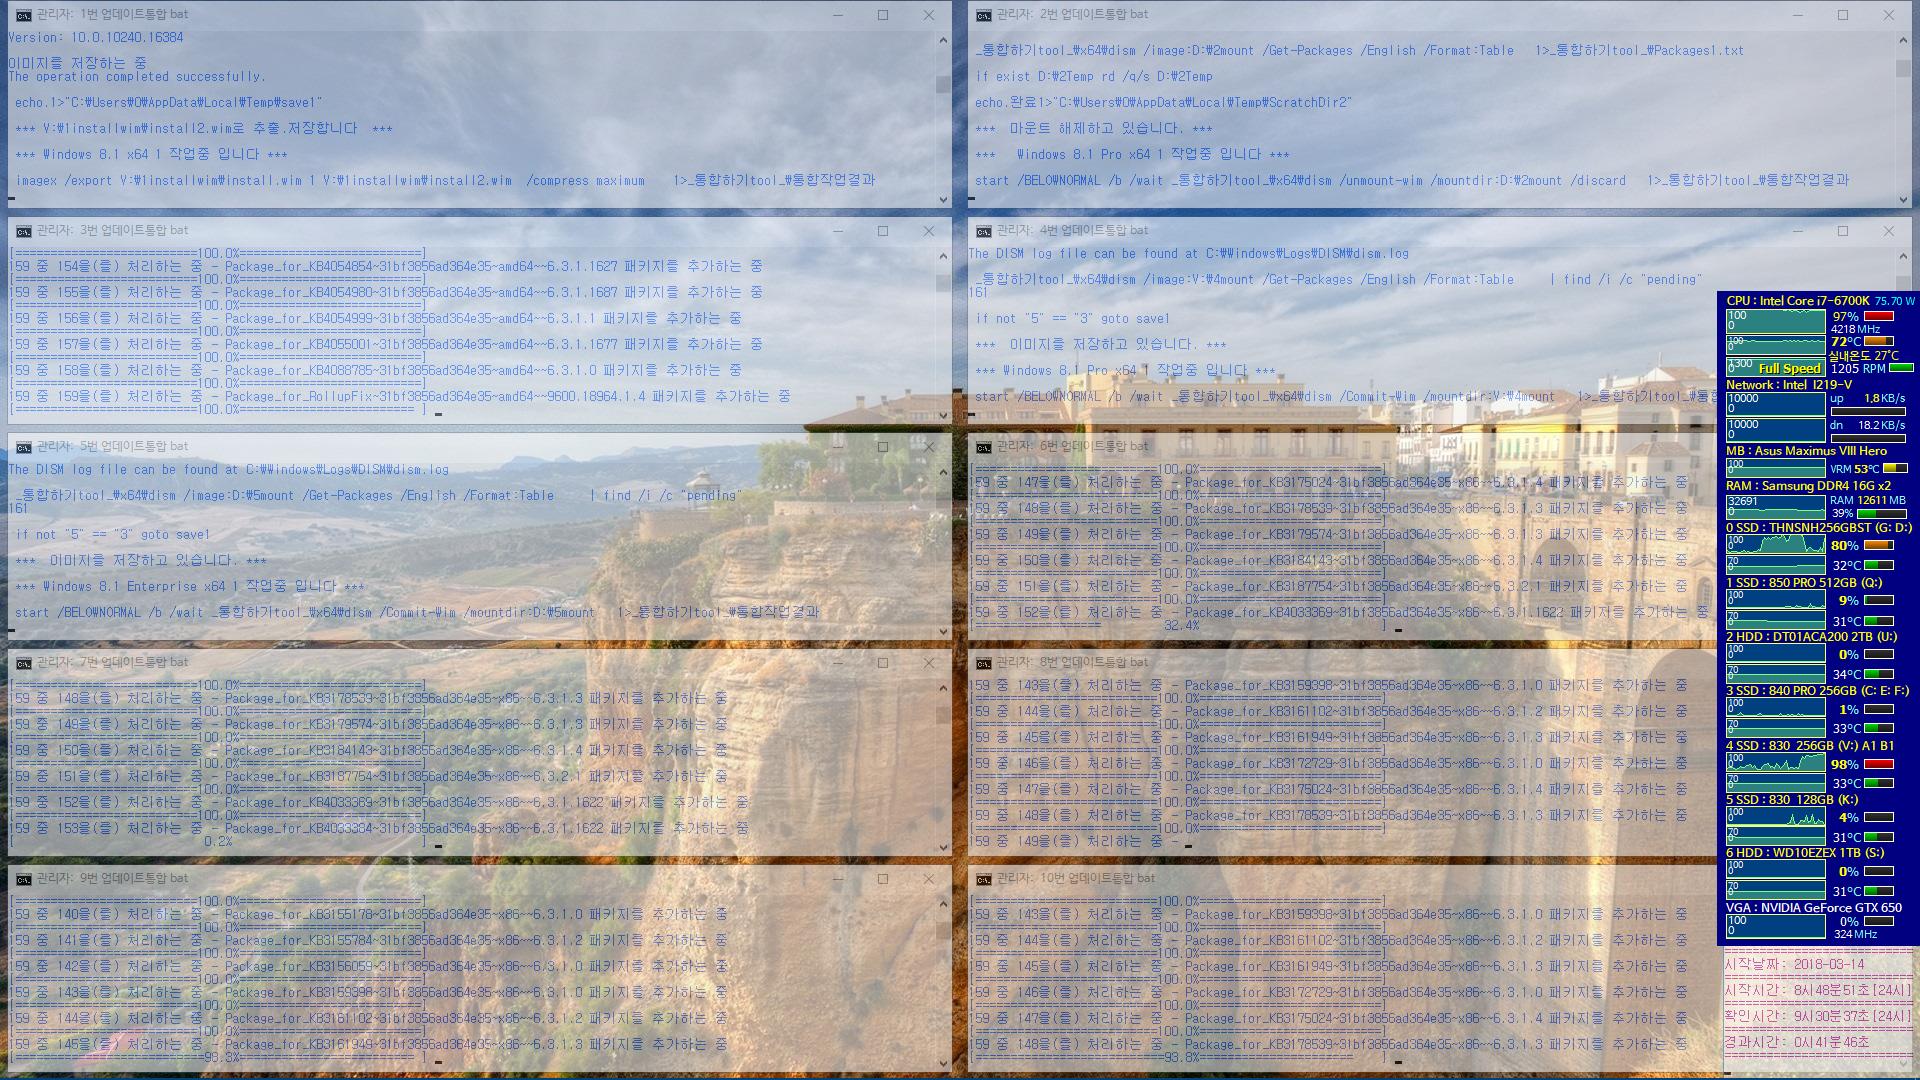 2018년 3월 14일 정기 업데이트 나왔네요 - 윈도8.1 [9600.18964] 통합중 입니다 2018-03-14_093037.png